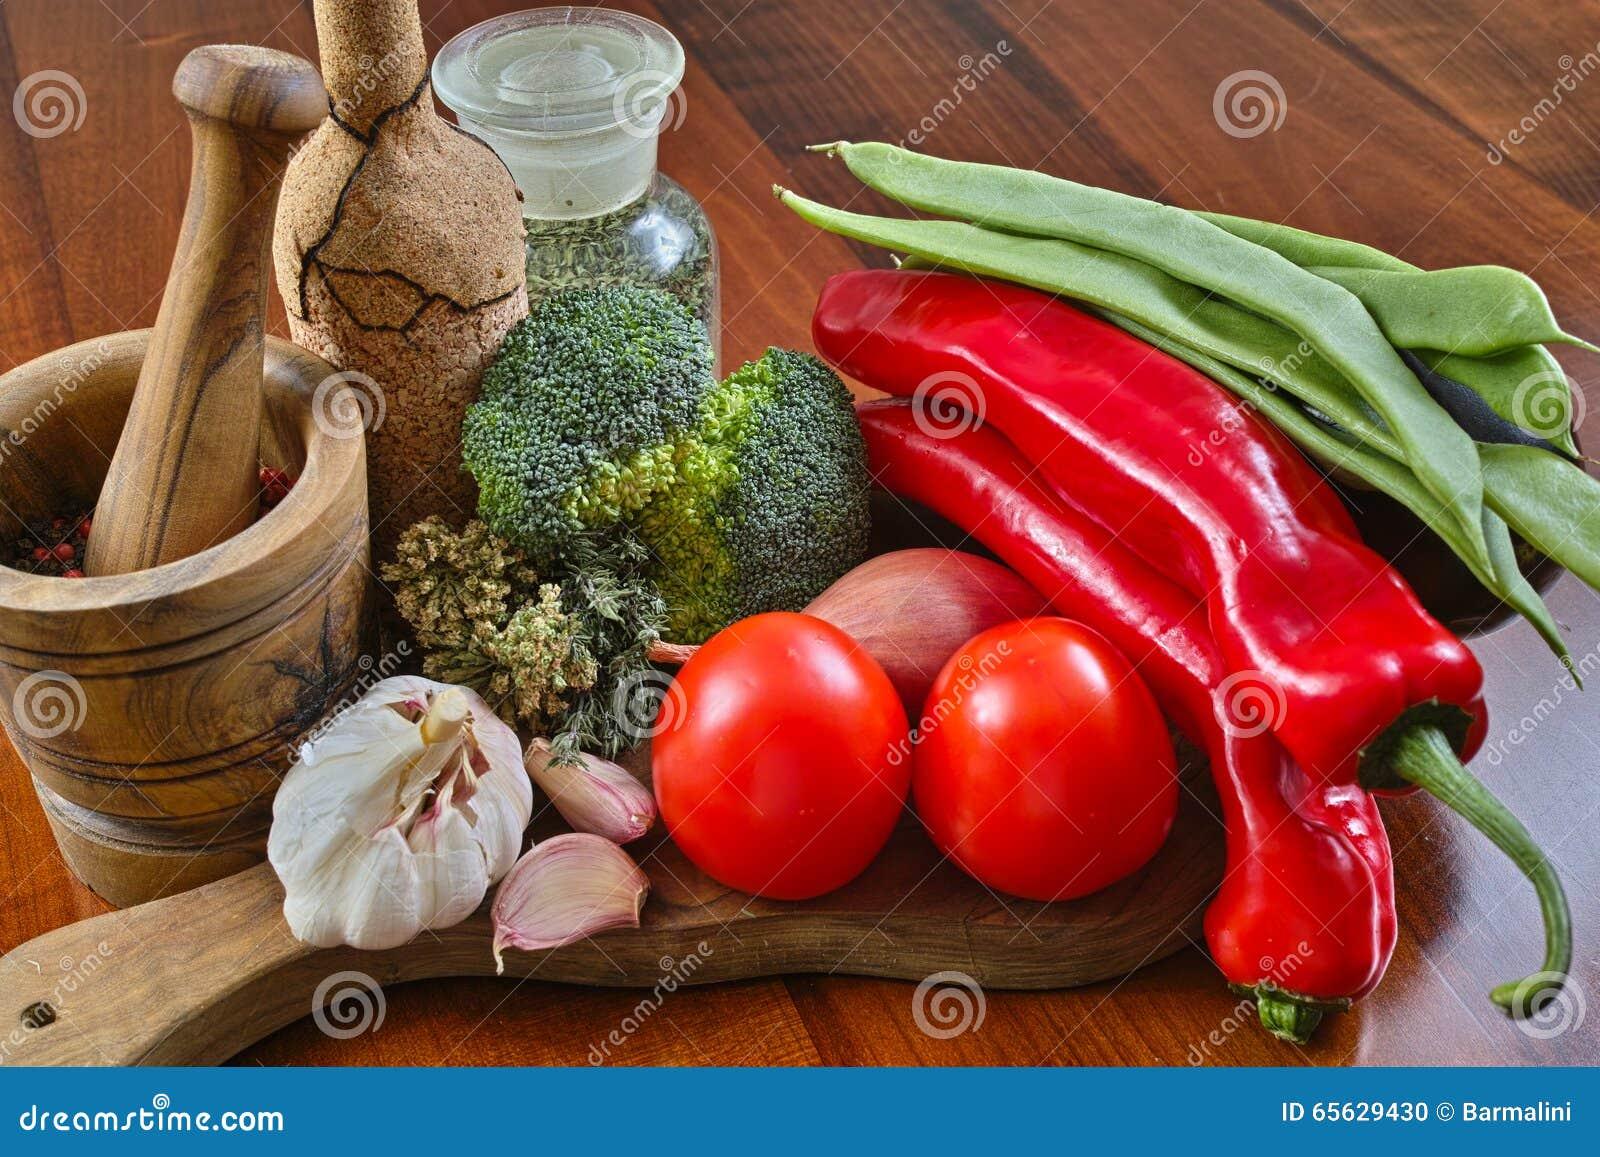 Bouteille en verre avec des épices, bouteille de liège, légumes de mortier, rouges et verts en bois olives, brocoli, tomates, ail